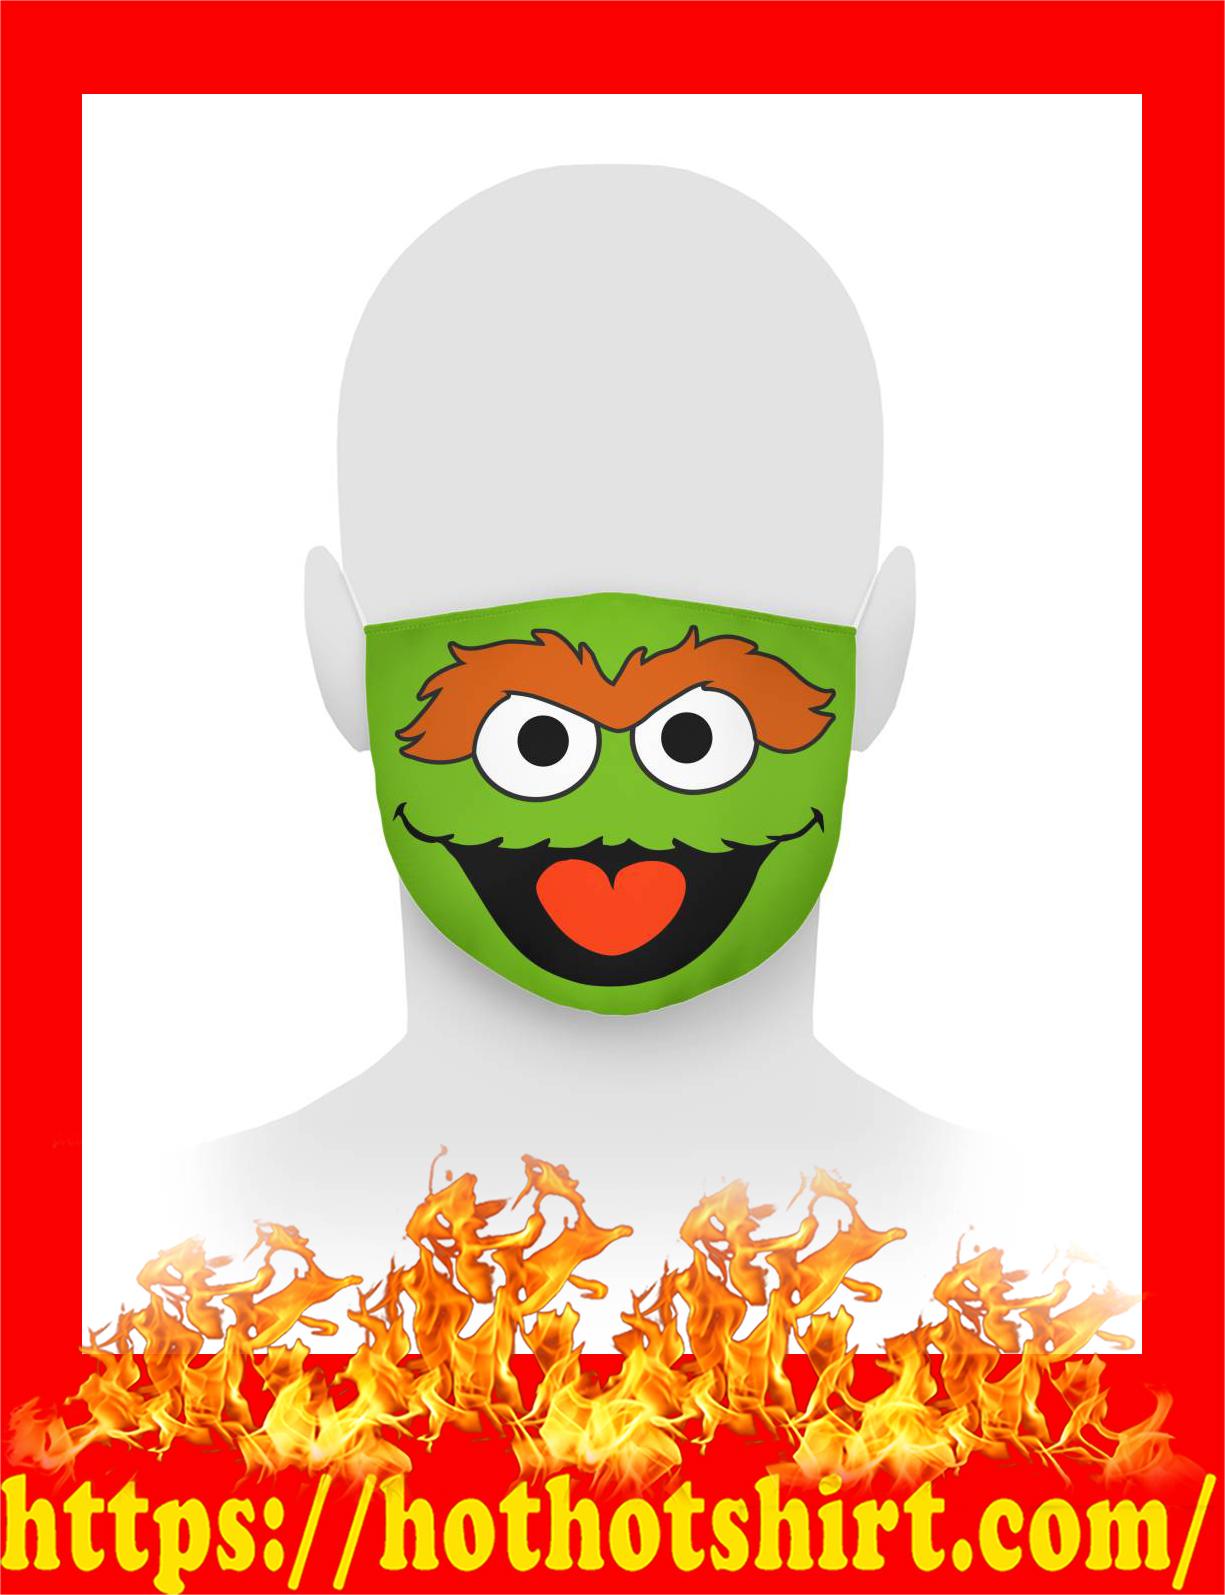 Oscar the grouch face mask - detail